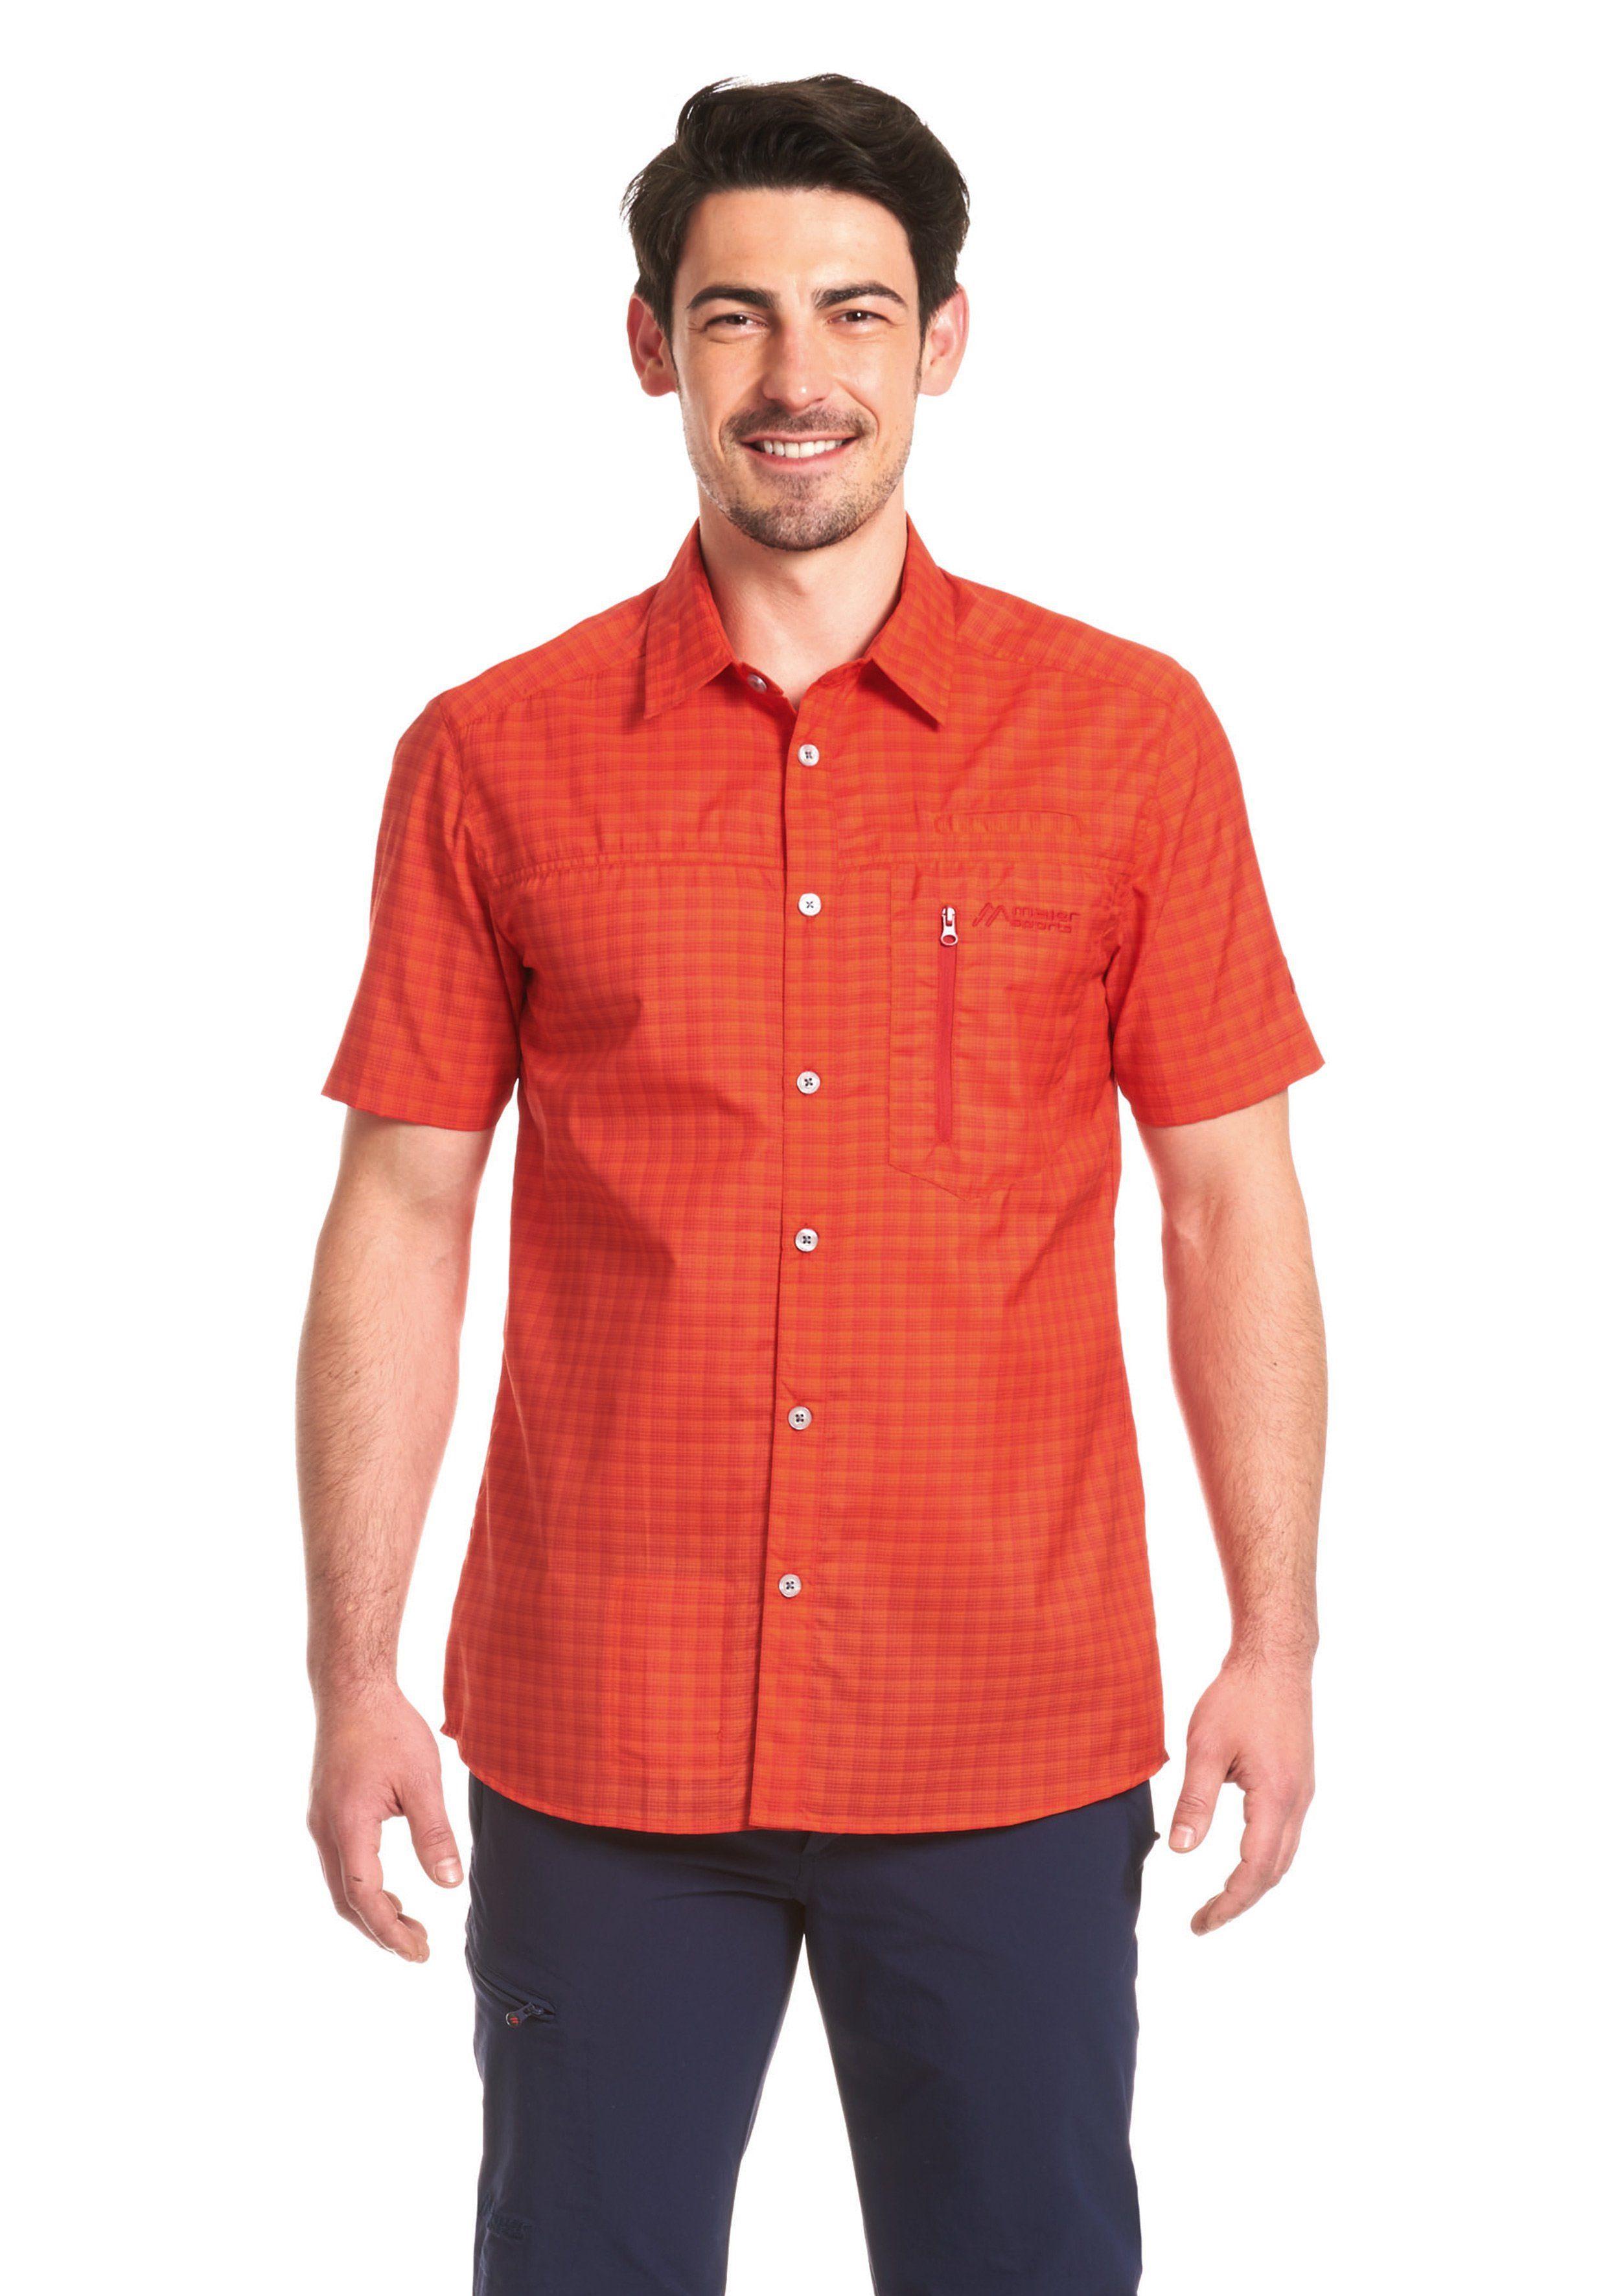 Функциональная рубашка »Mats S/S«